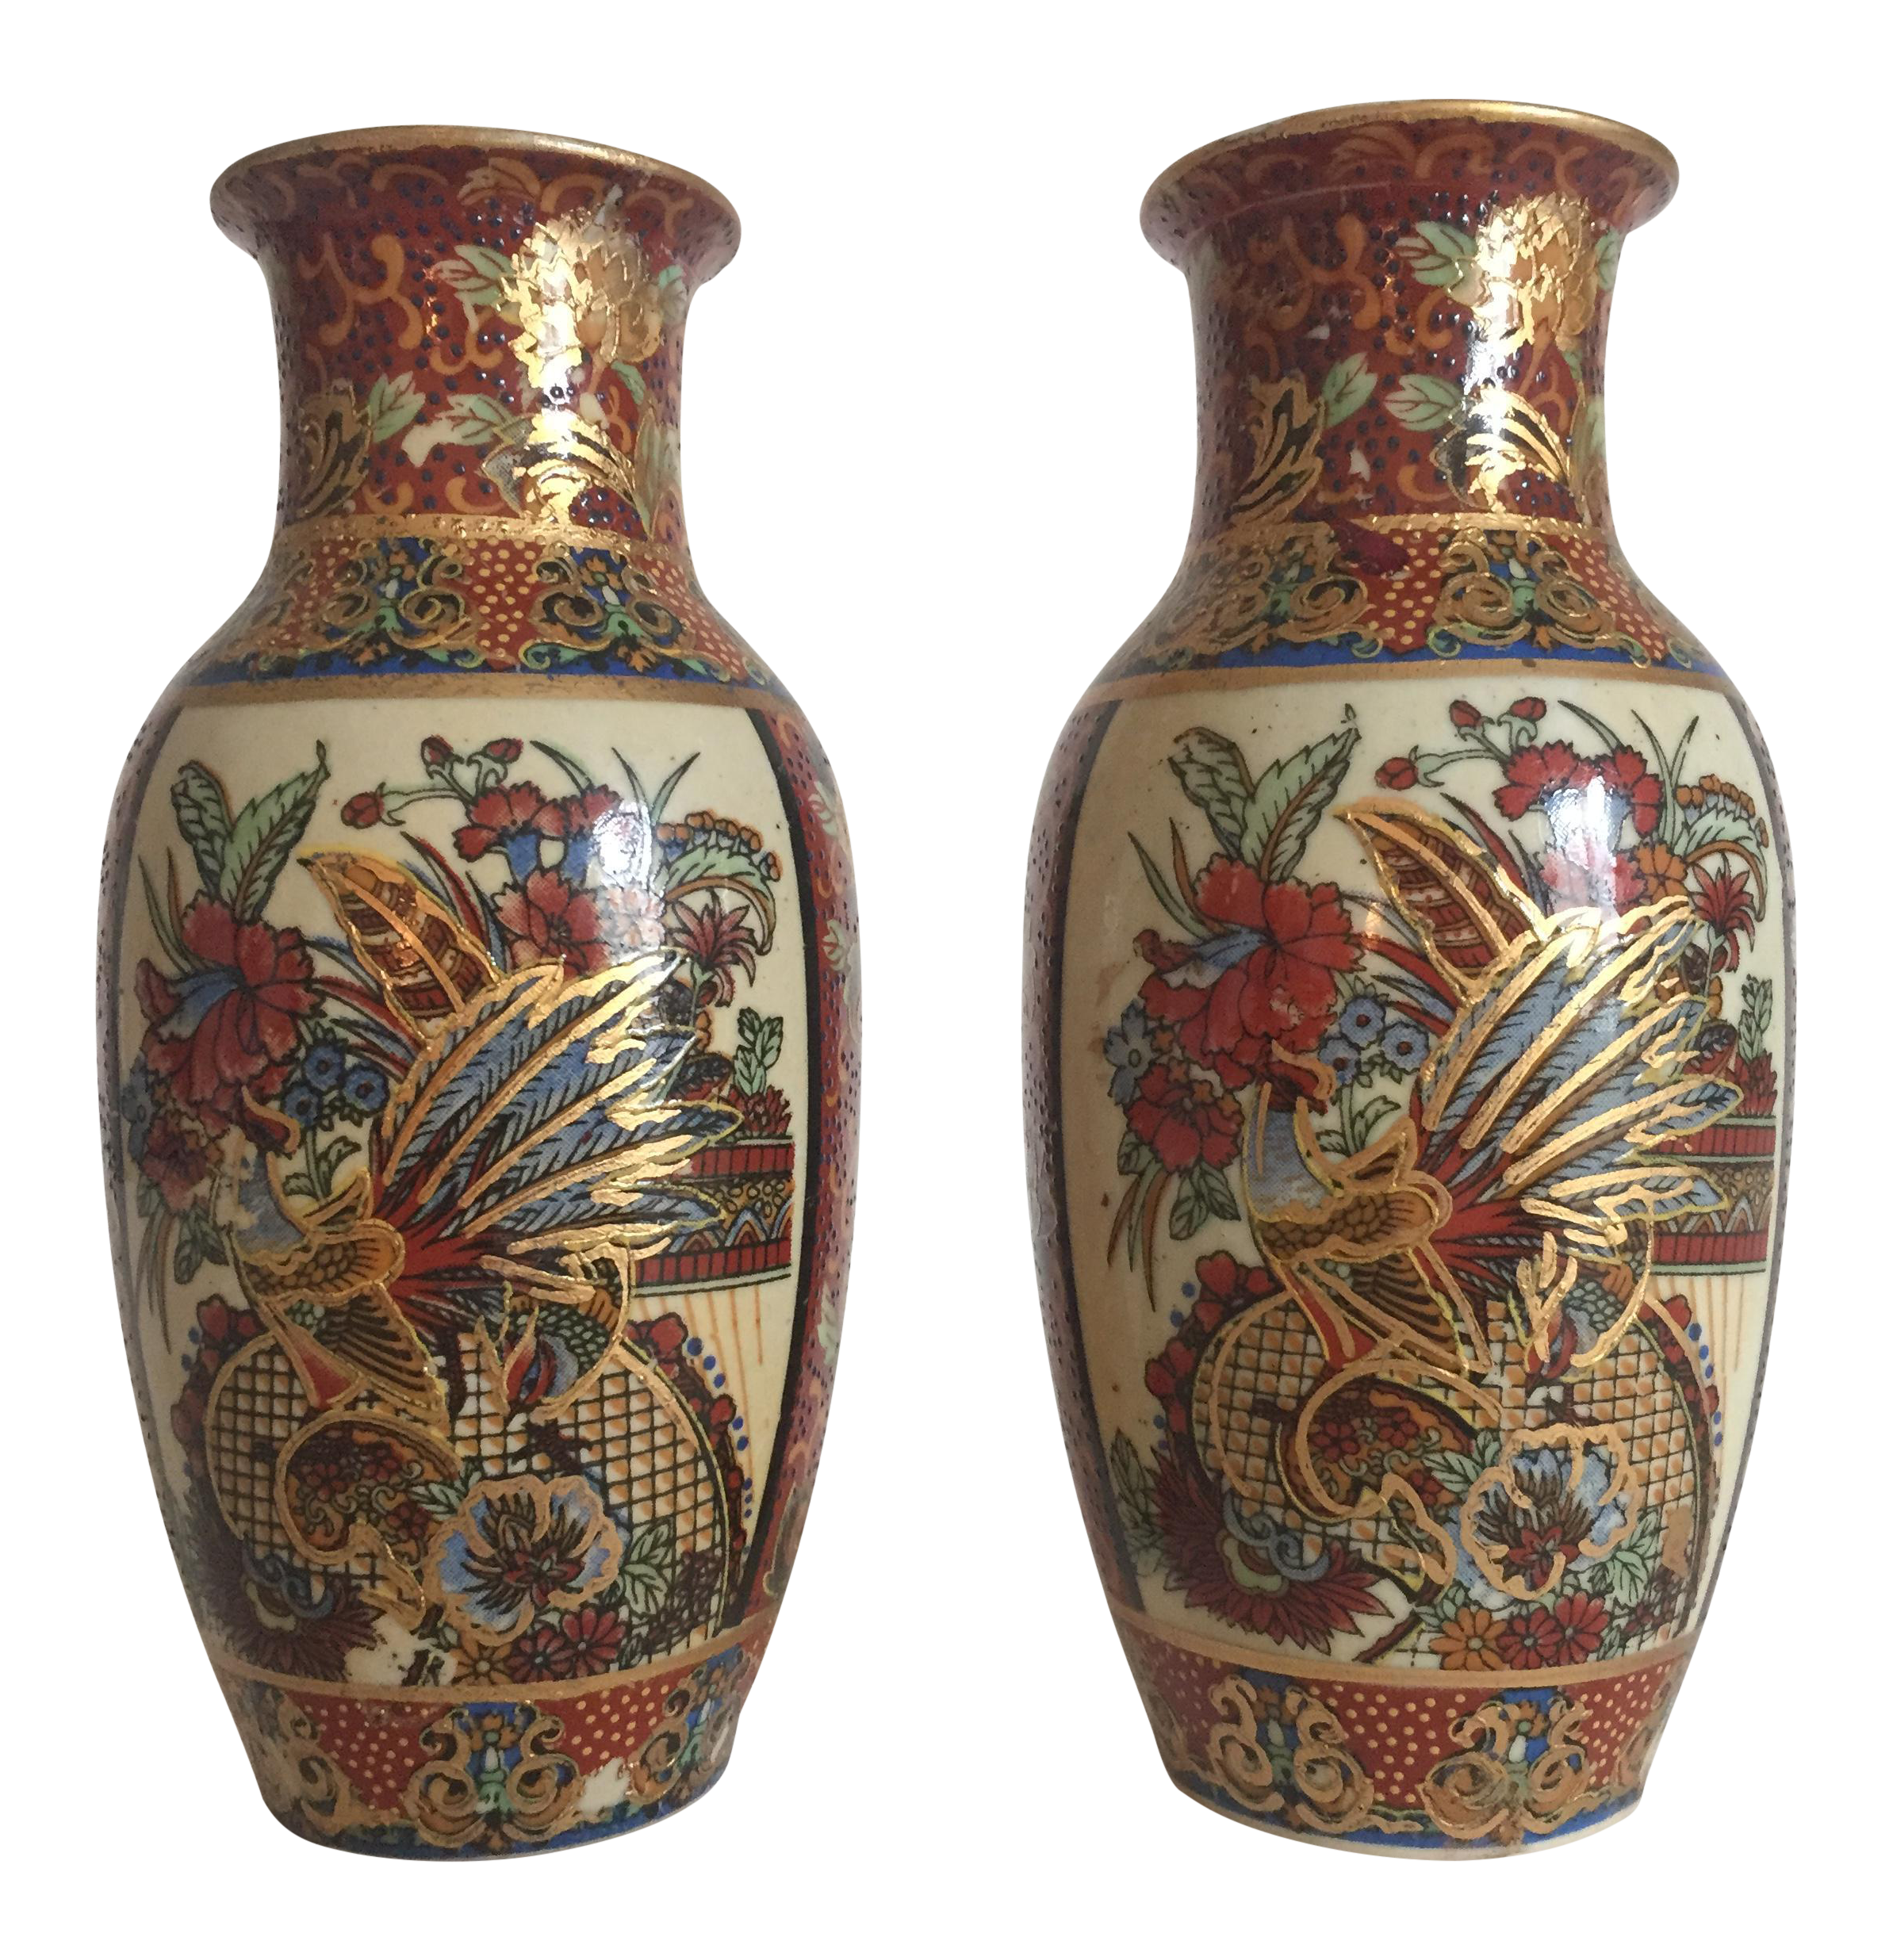 Vintage satsuma style japanese ceramic gold leaf vases a pair vintage satsuma style japanese ceramic gold leaf vases a pair chairish reviewsmspy